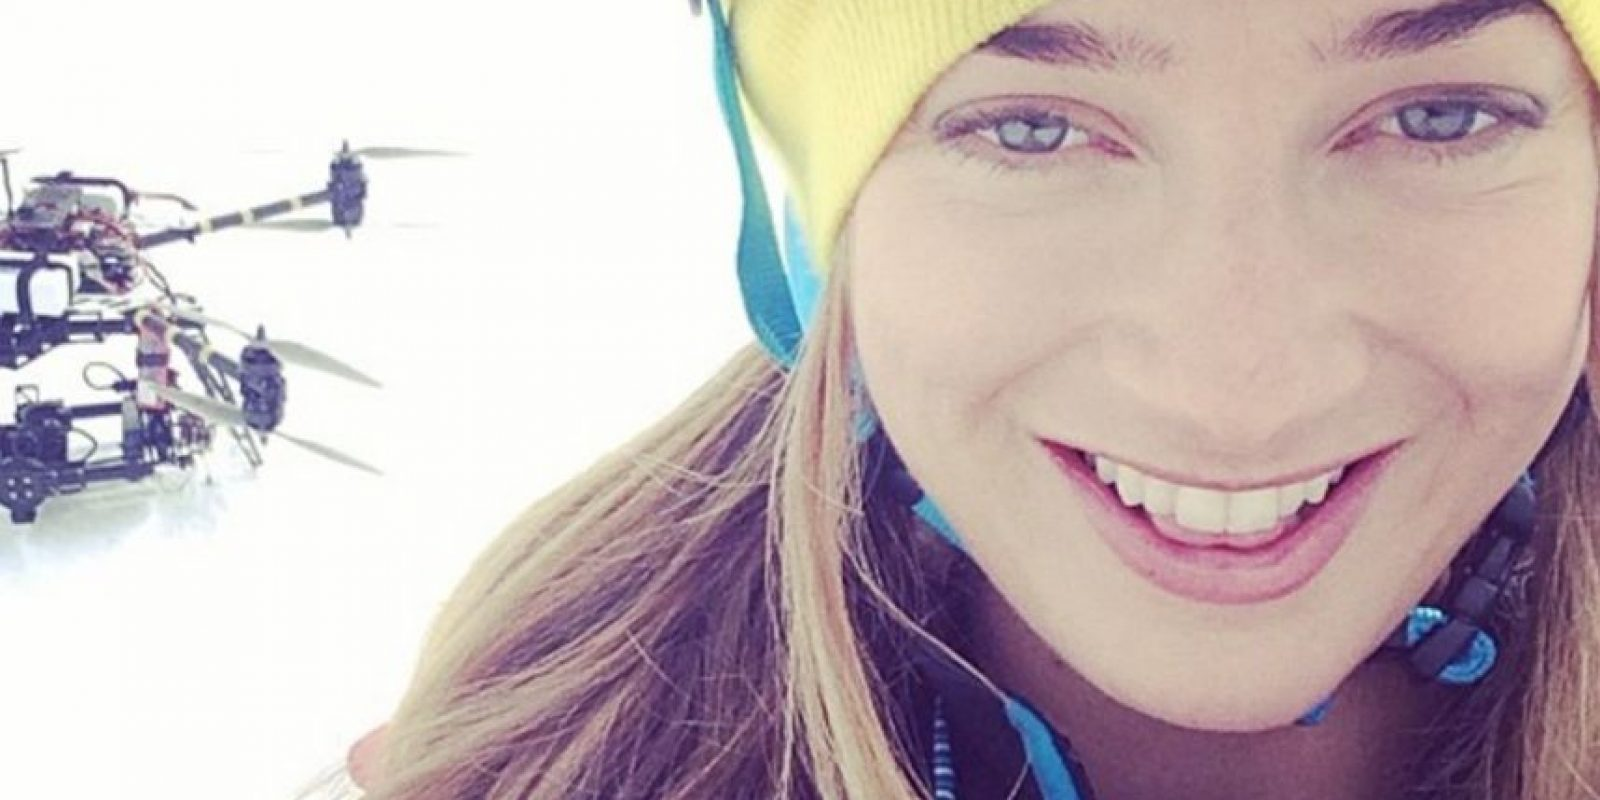 Tiene 24 años y es originaria de Utah, Estados Unidos. Foto:Vía instagram.com/sierraquitiquit